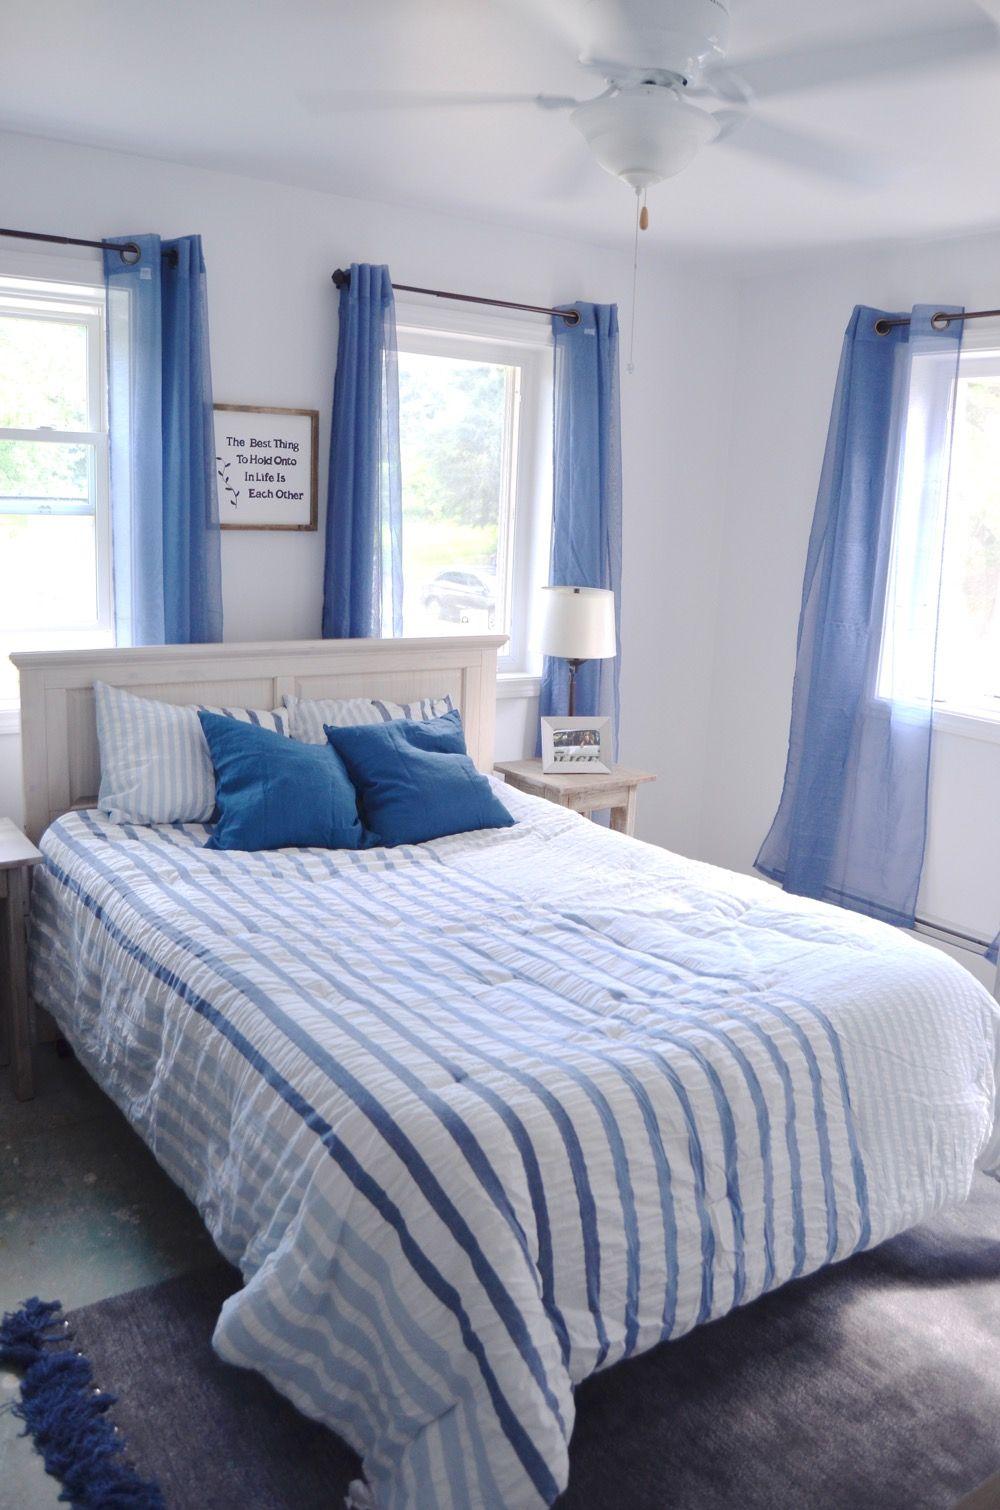 Bloggers Heart Habitat Reveal Ciburbanity Shiplap Headboard Master Room Habitat For Humanity Houses